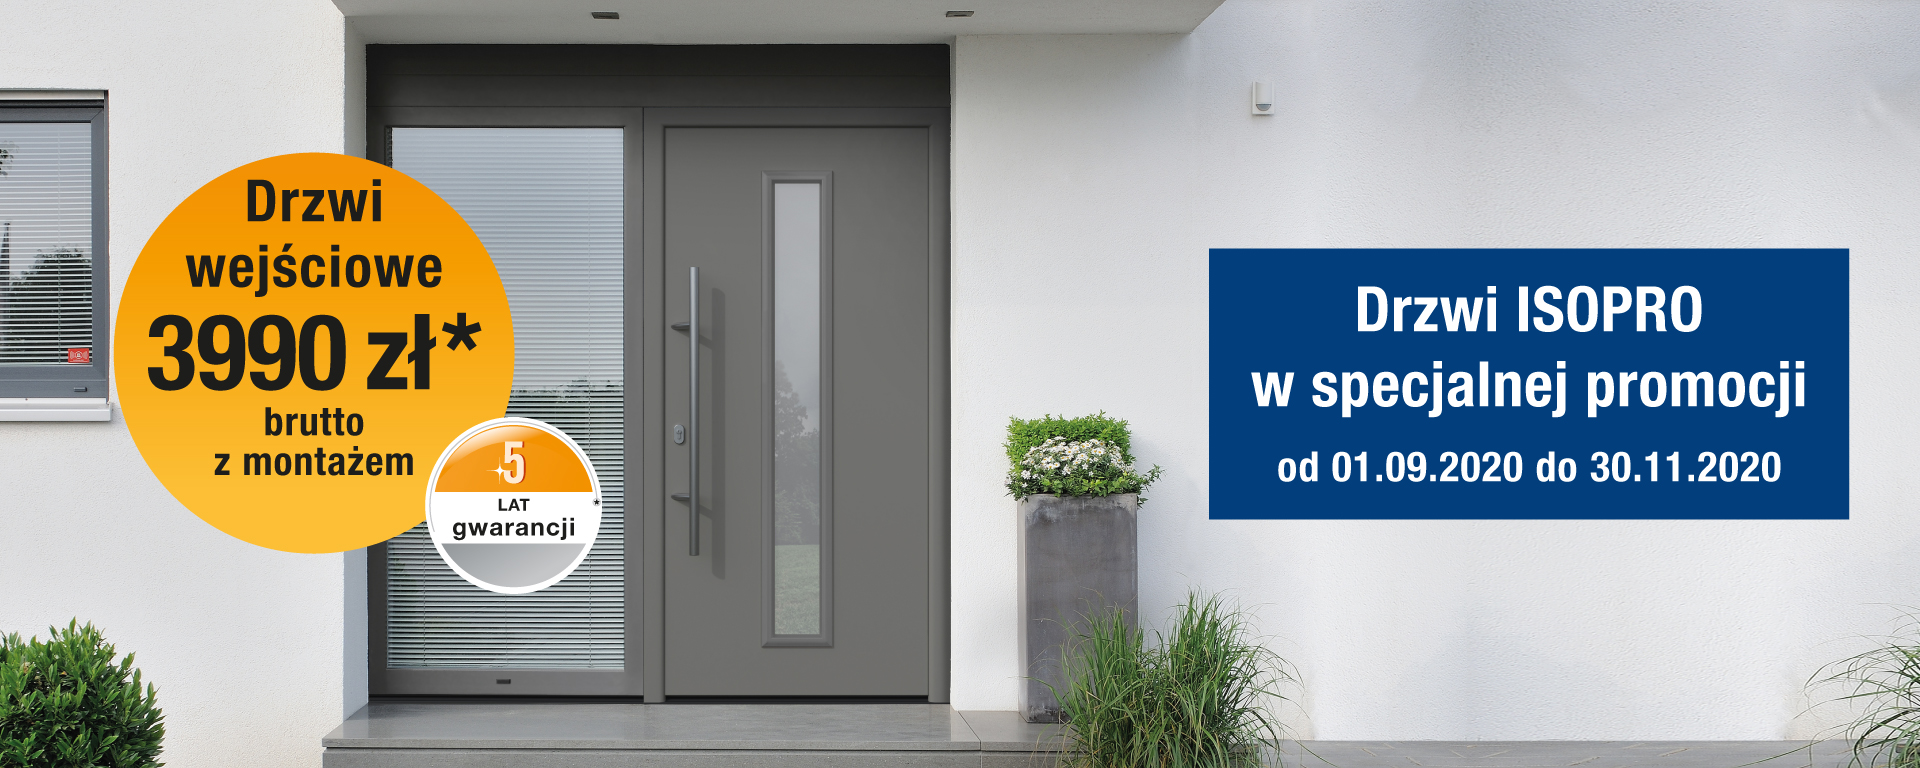 Drzwi ISOPRO